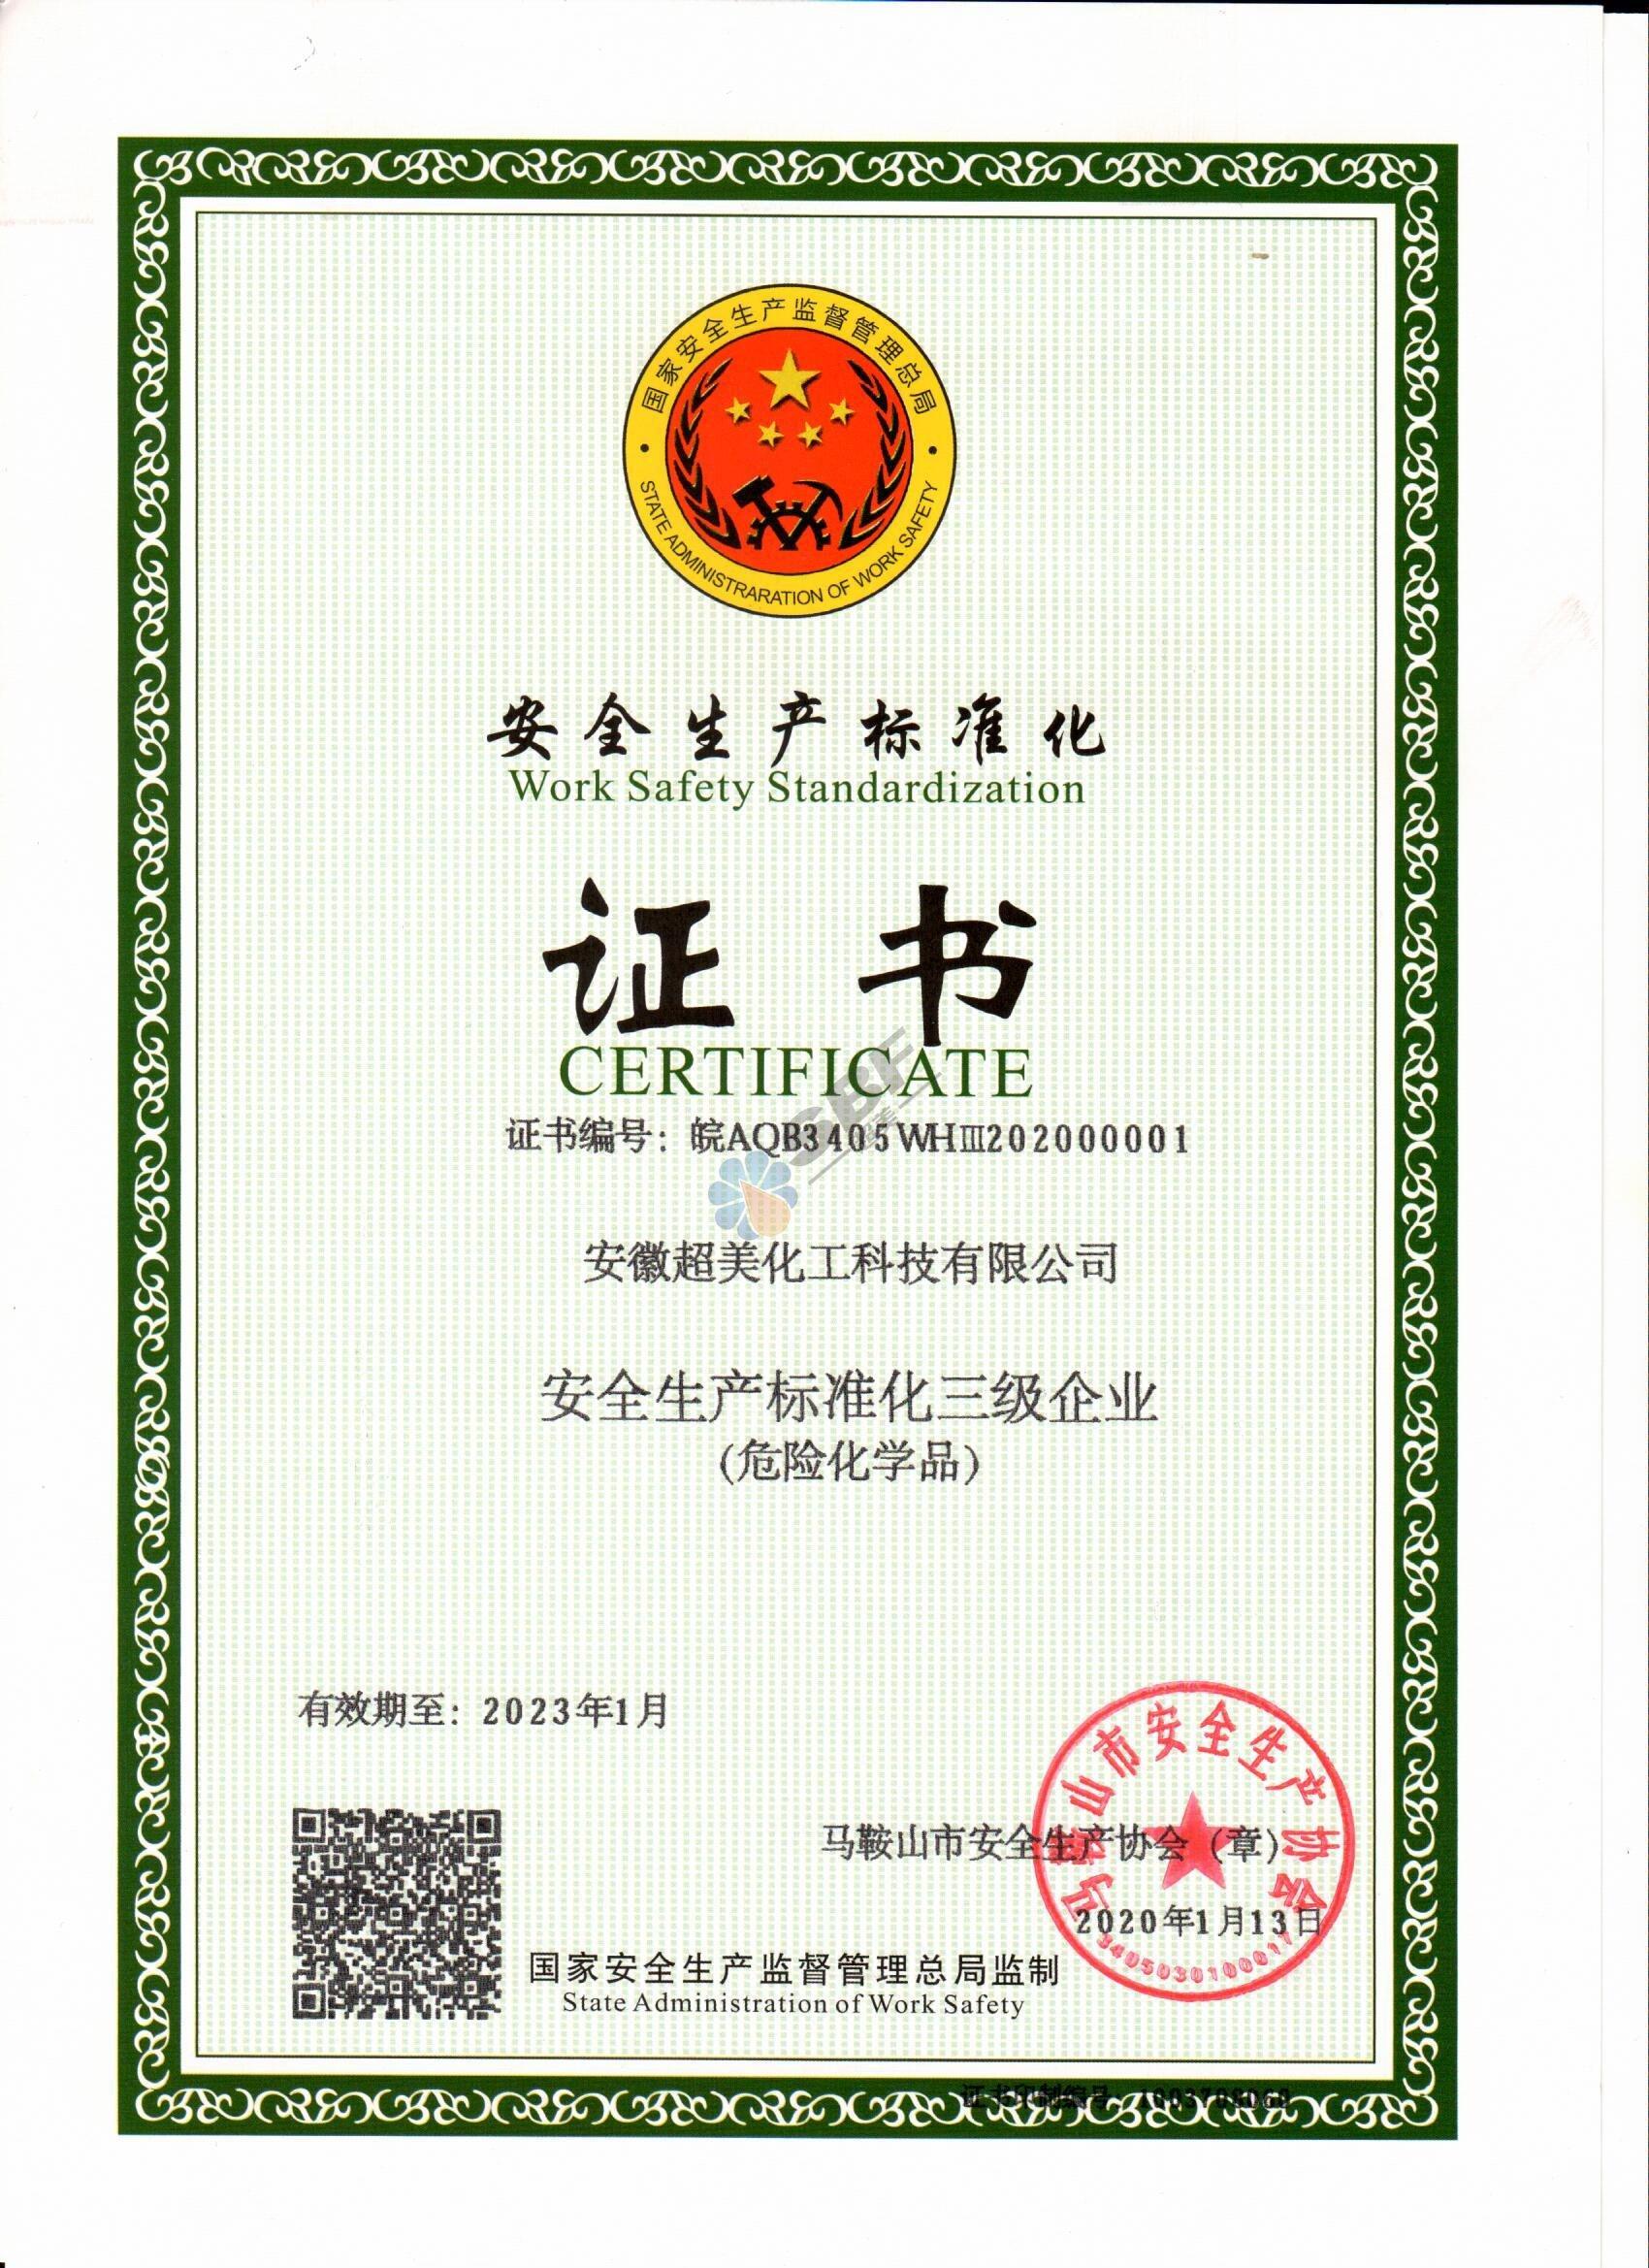 三级标准化证书